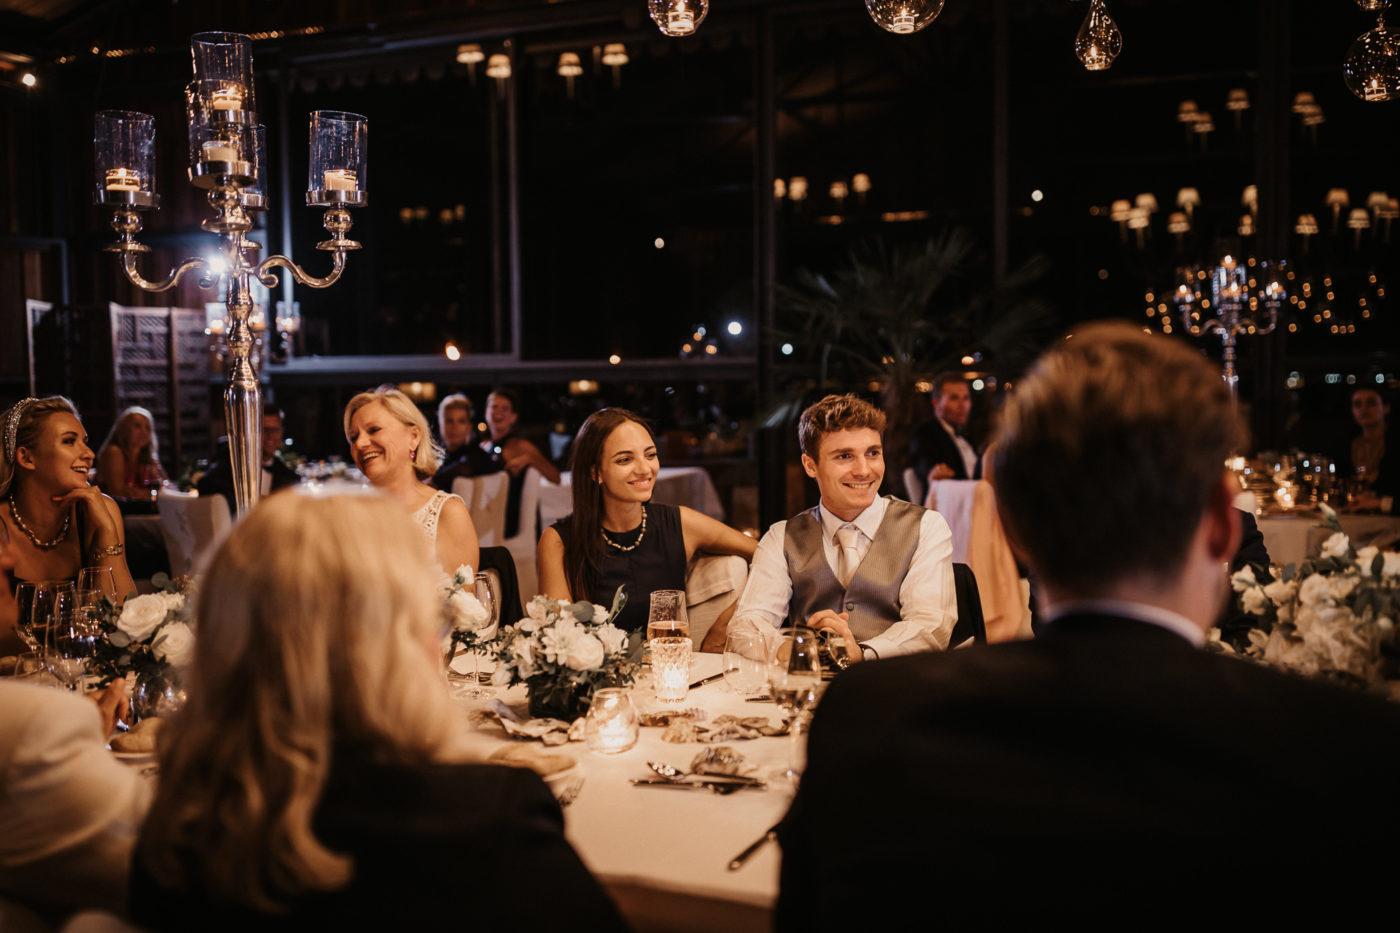 Die Hochzeitsgäste hören lächelnd den Tischreden zu